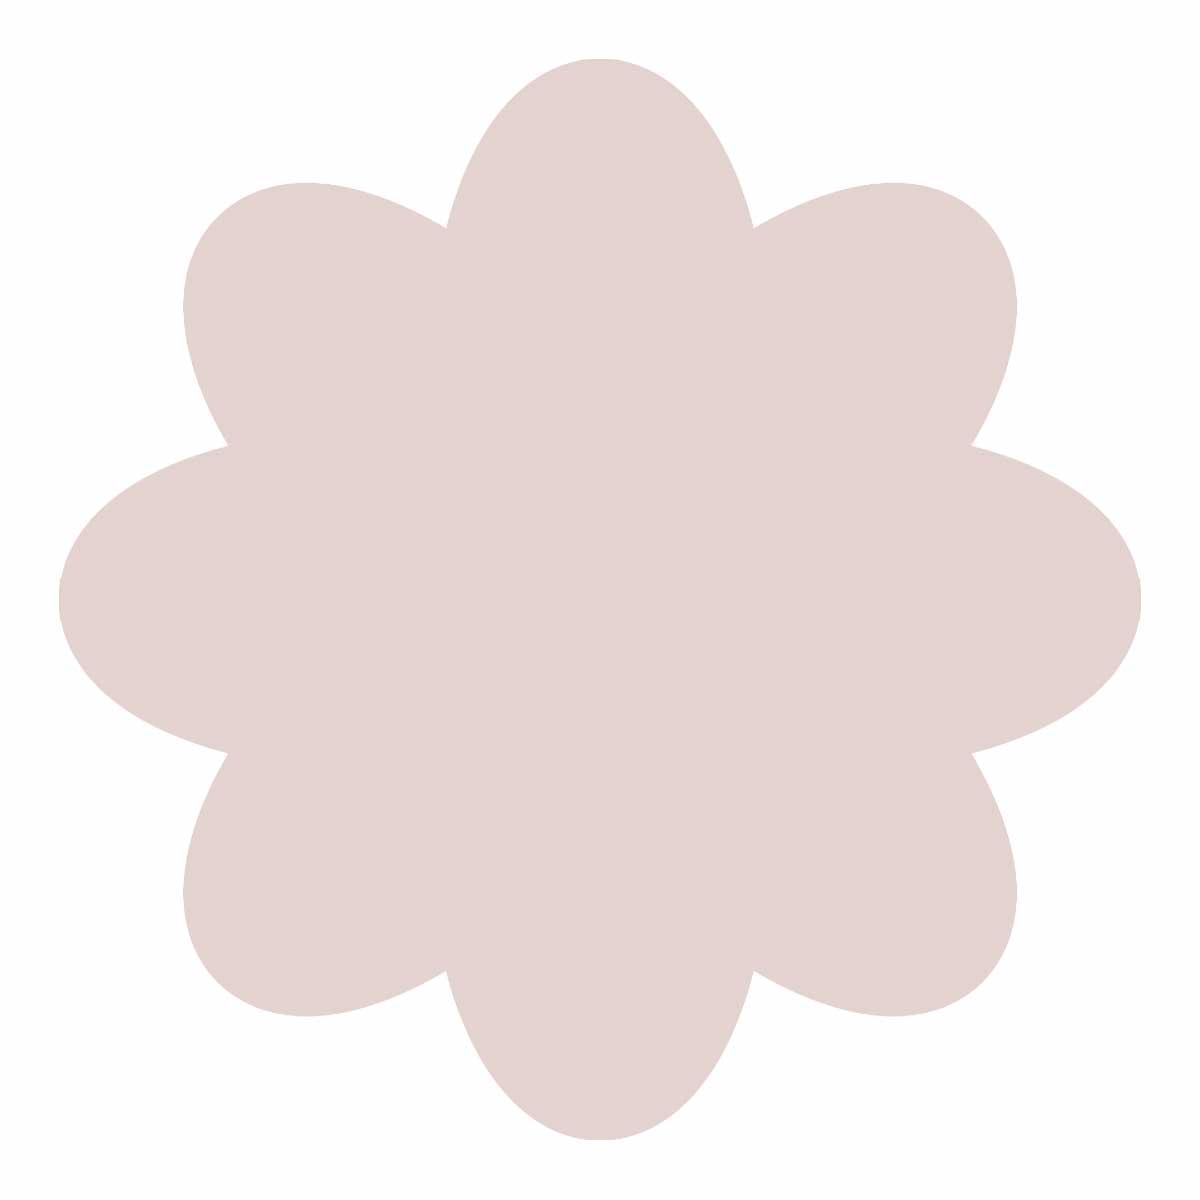 Delta Ceramcoat ® Frosted Glass Paint - Pink Salt, 2 oz.